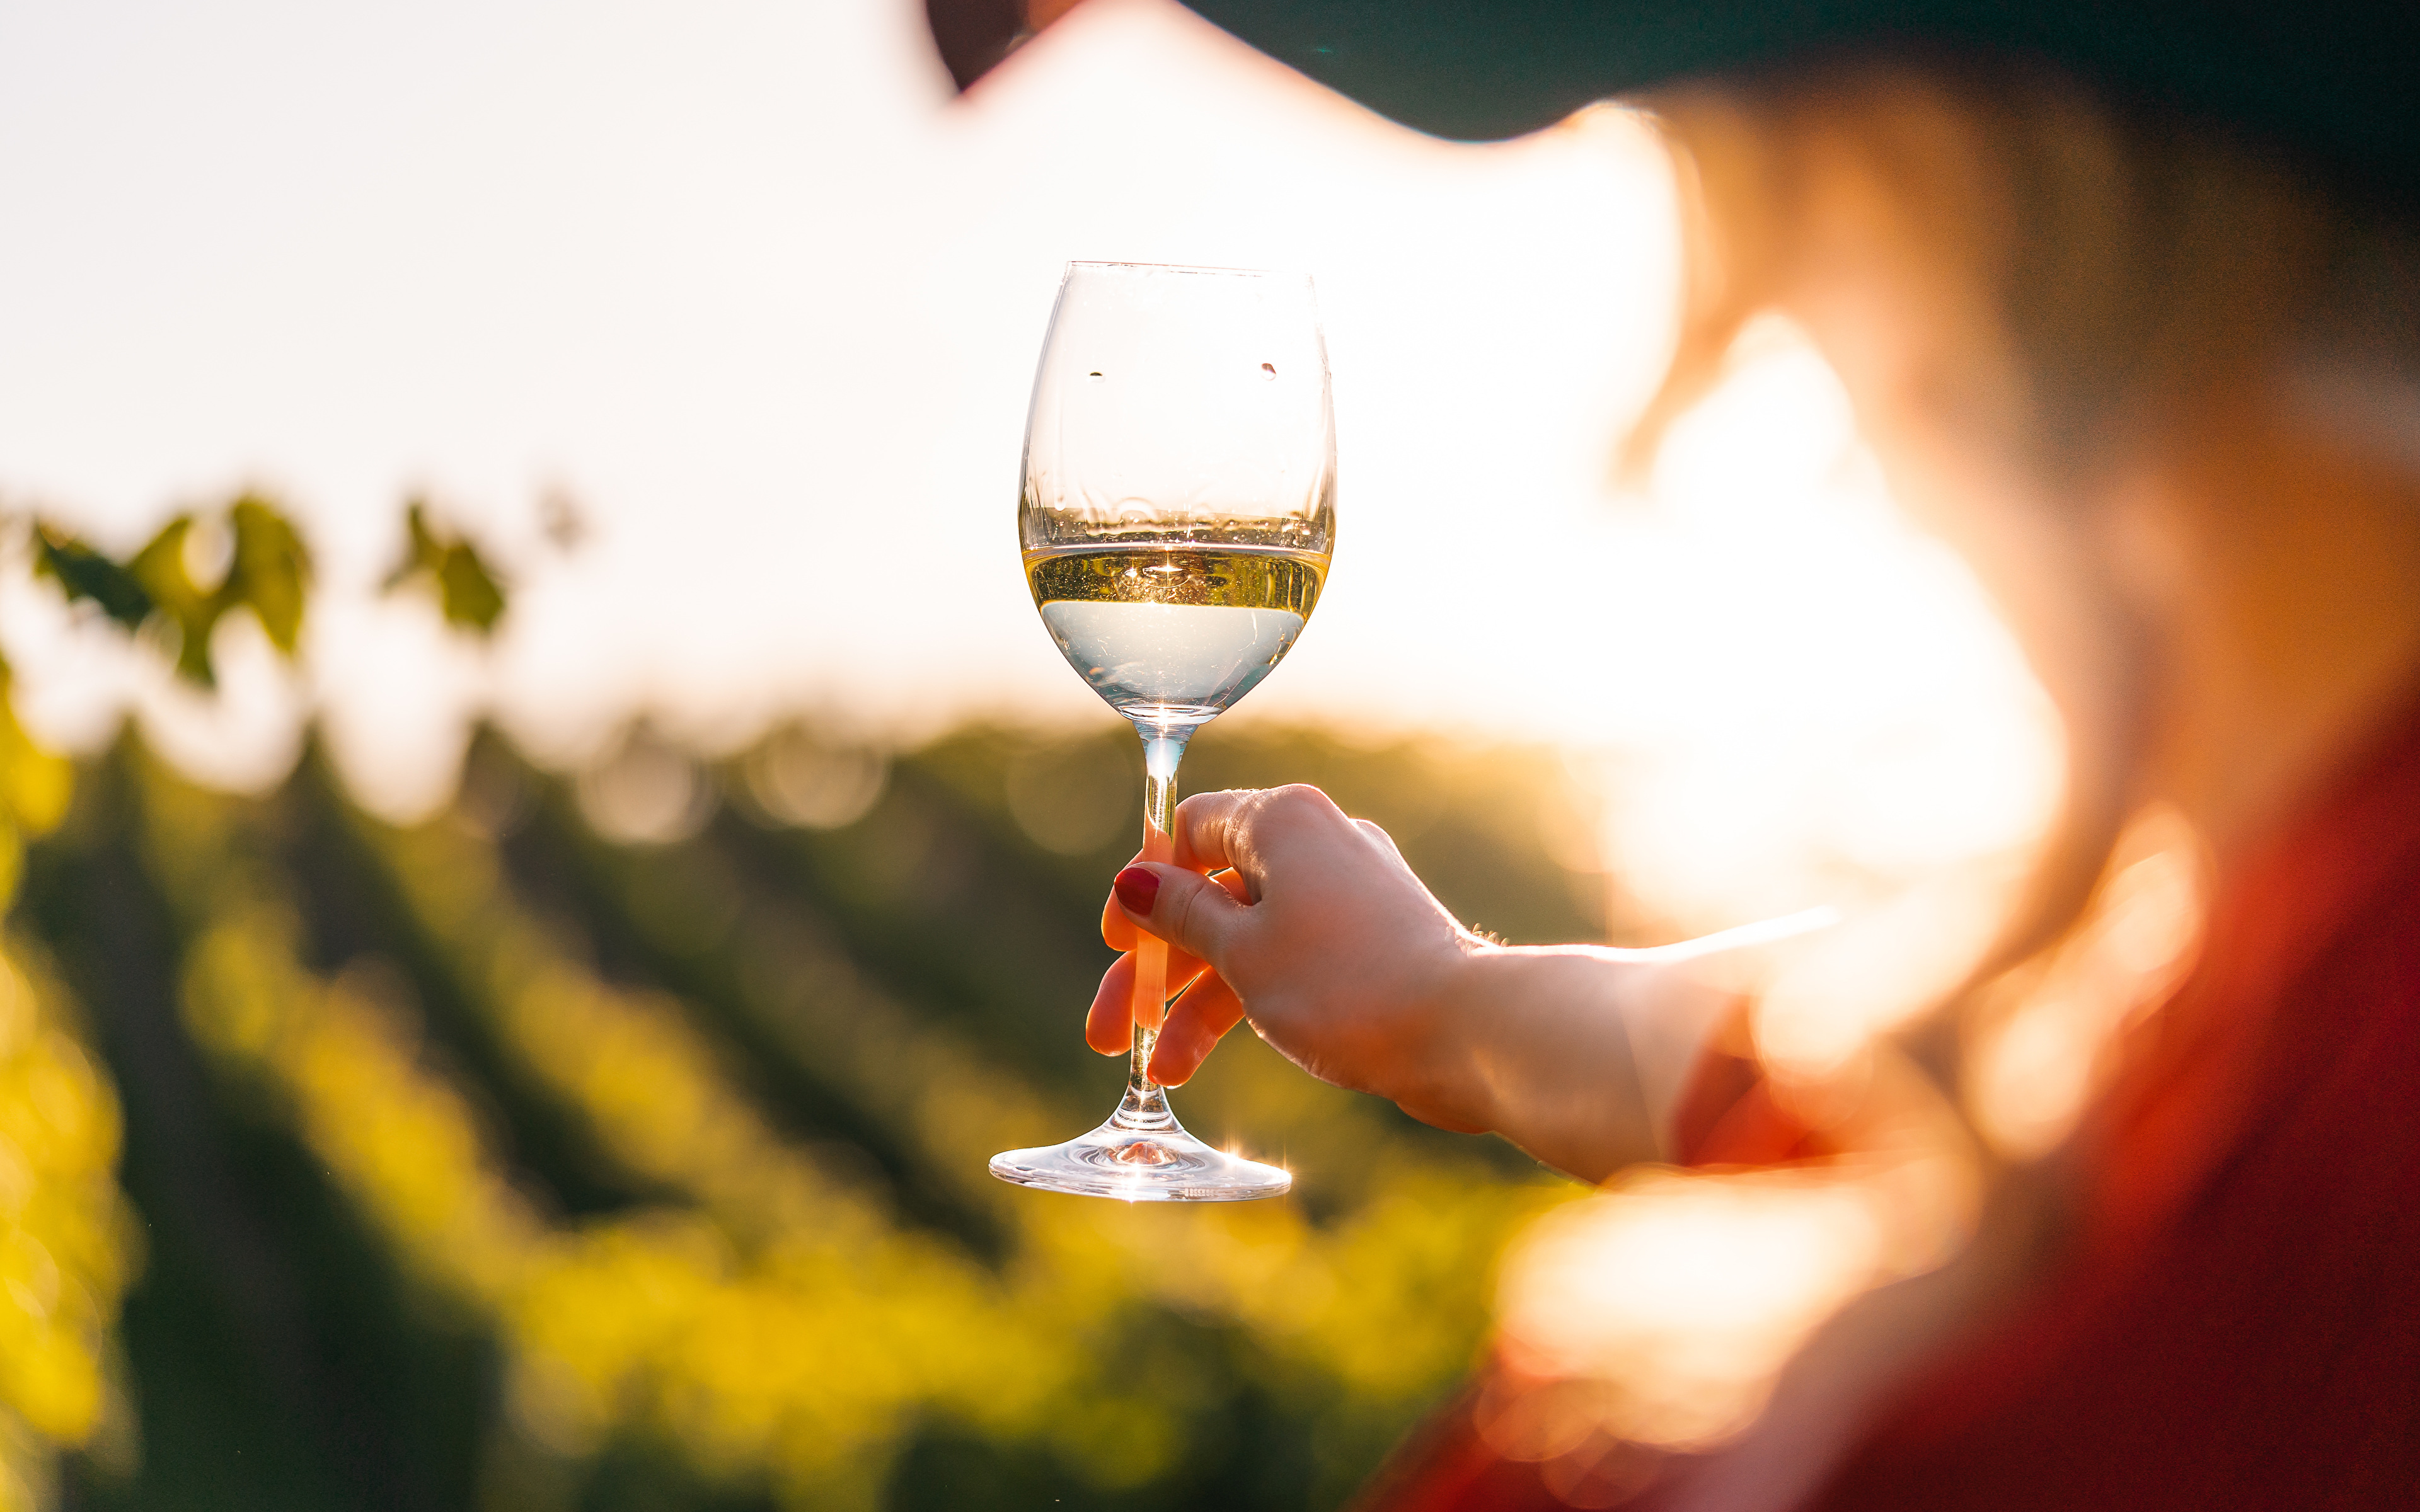 3840x2400 Vino Bokeh Vaso de vino Mano fondo borroso